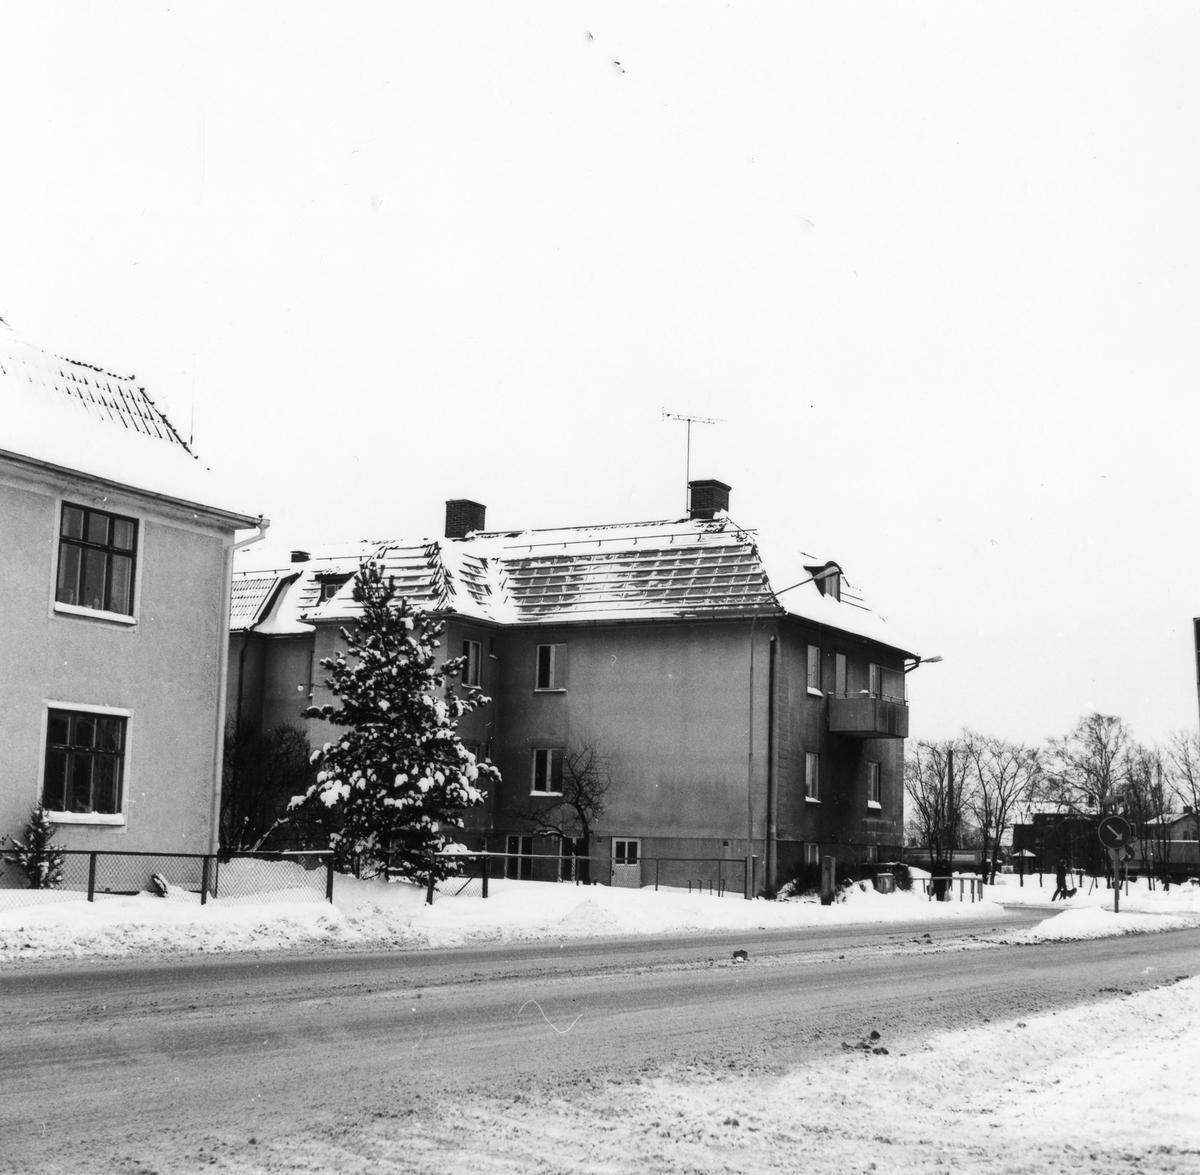 Vinterbild på snömoddig väg med 2 st bostadshus i centrum på bilden  Hörnet av Vänersborgsvägen och Kungsgatan, kv Fruktkorgen 16. Fastigheten fick rivningsbeslut november 1978.